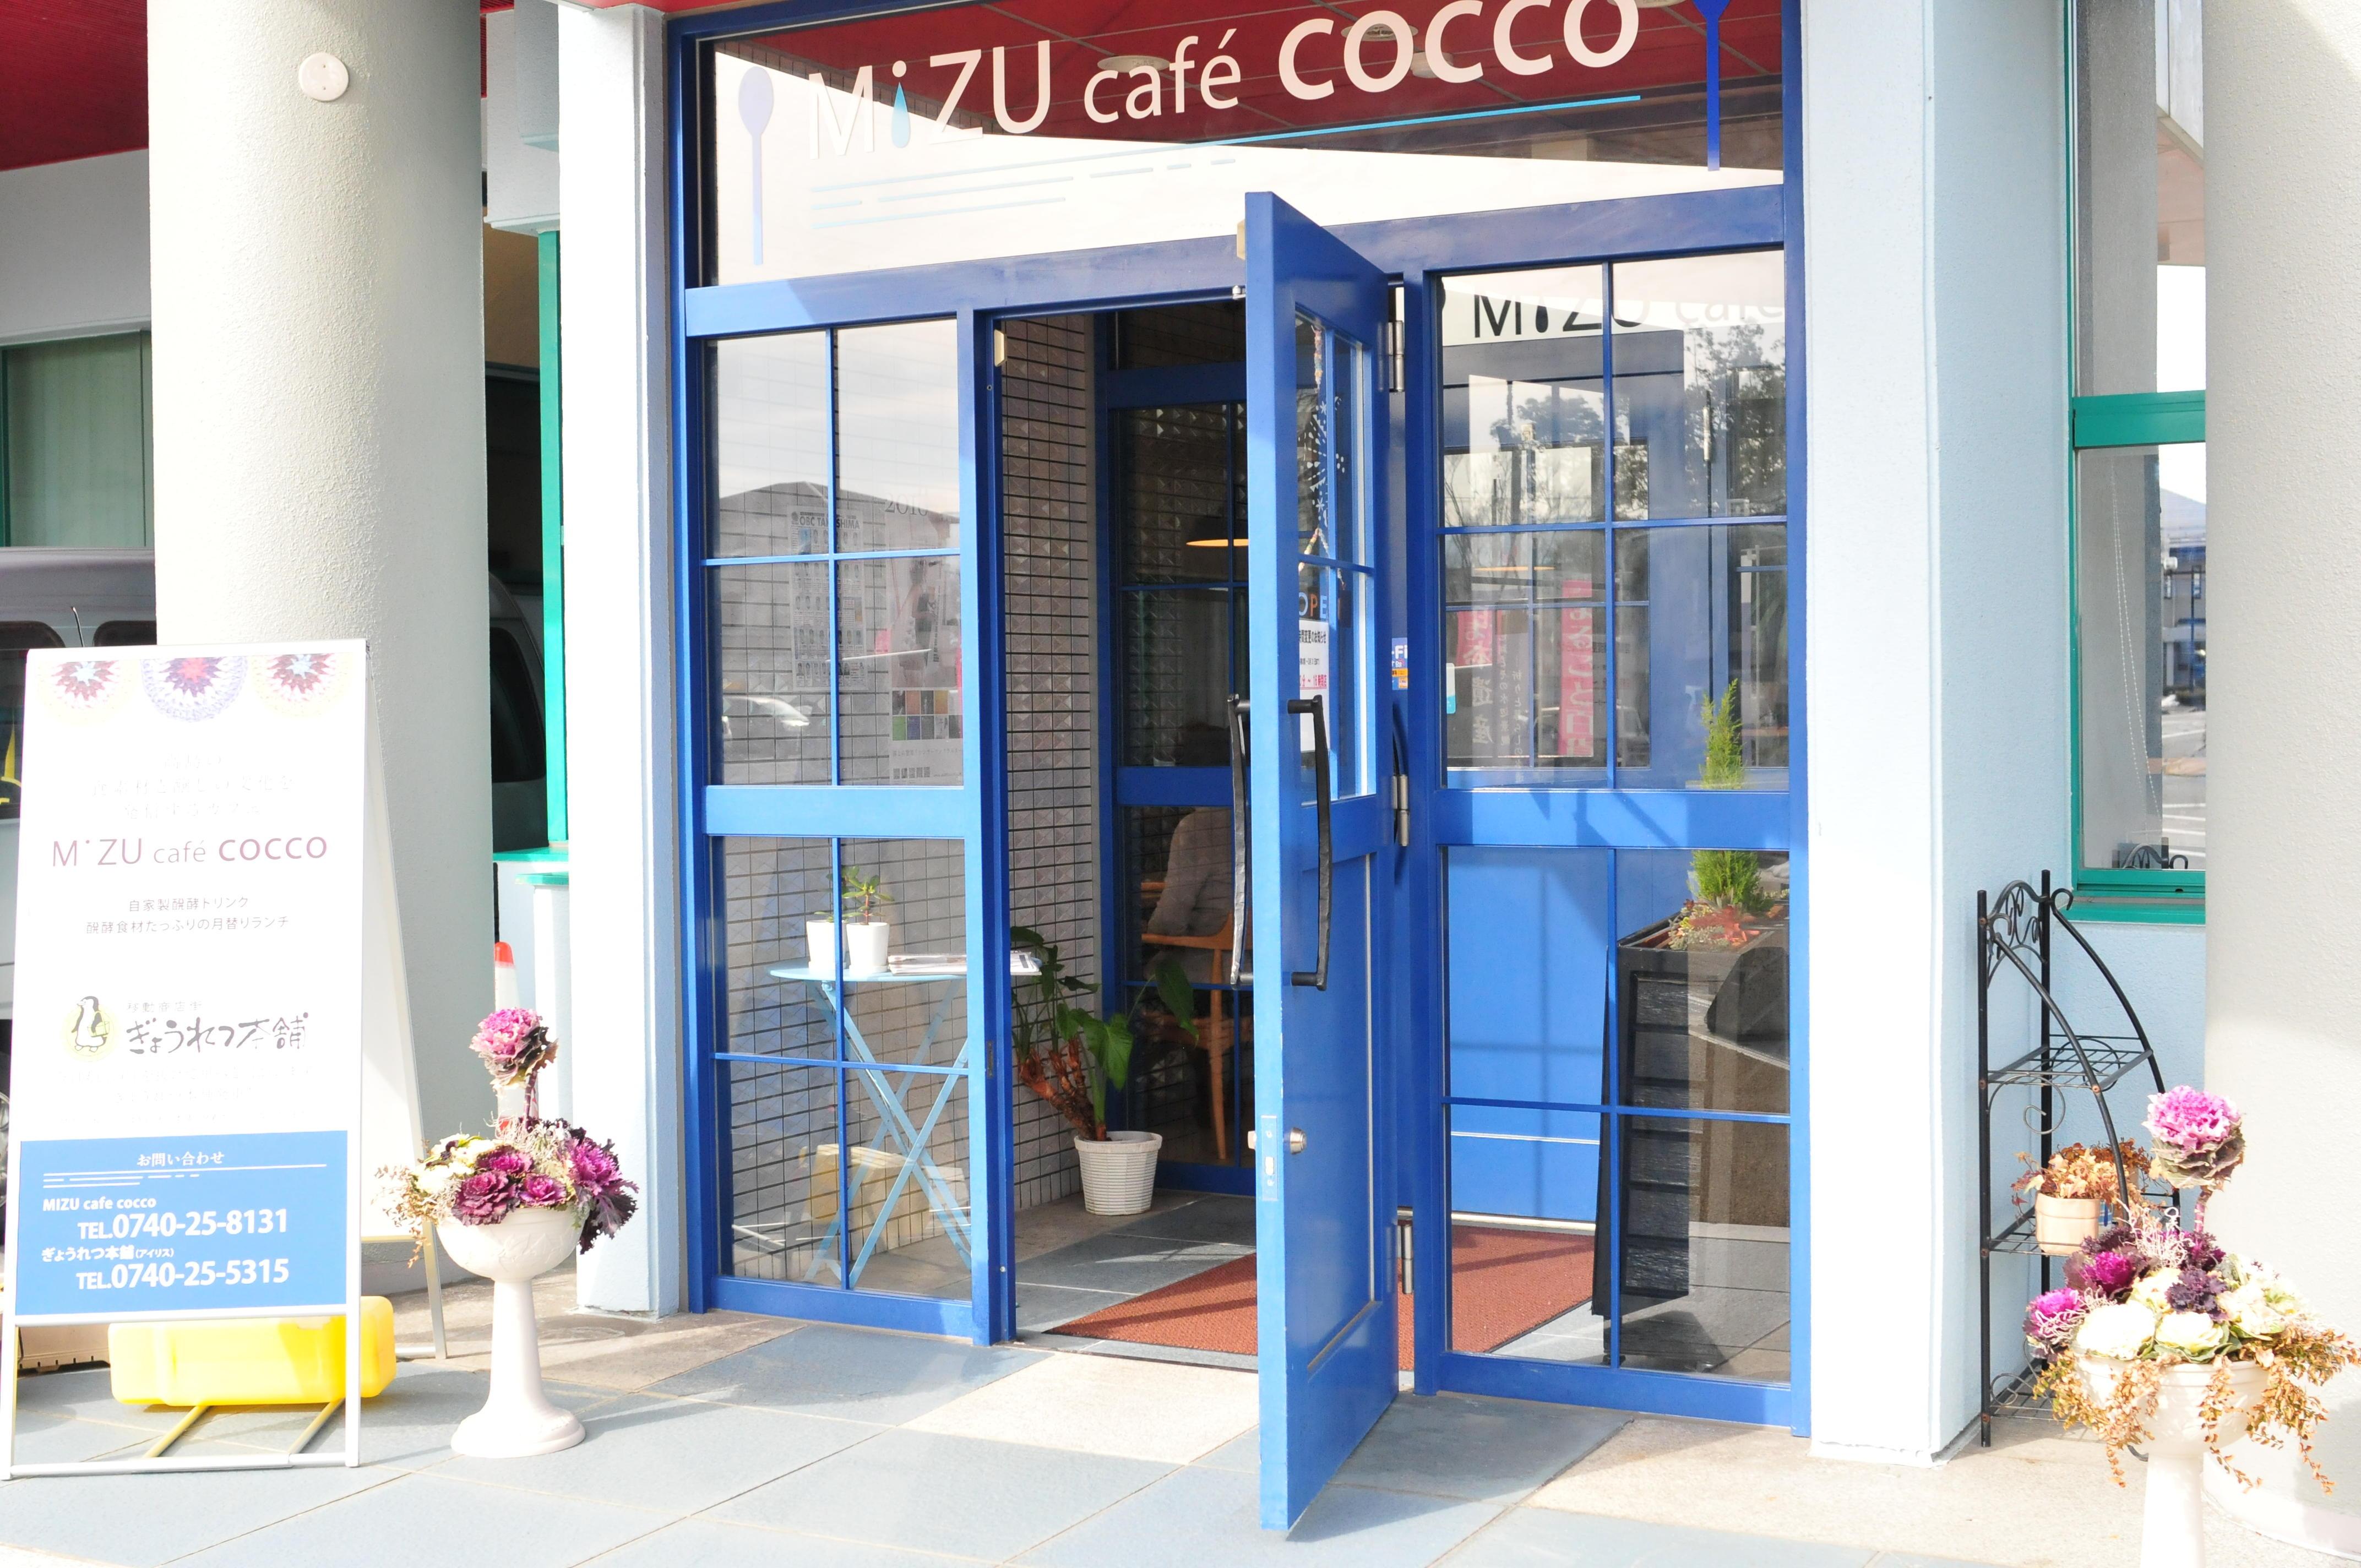 MIZU cafe cocco